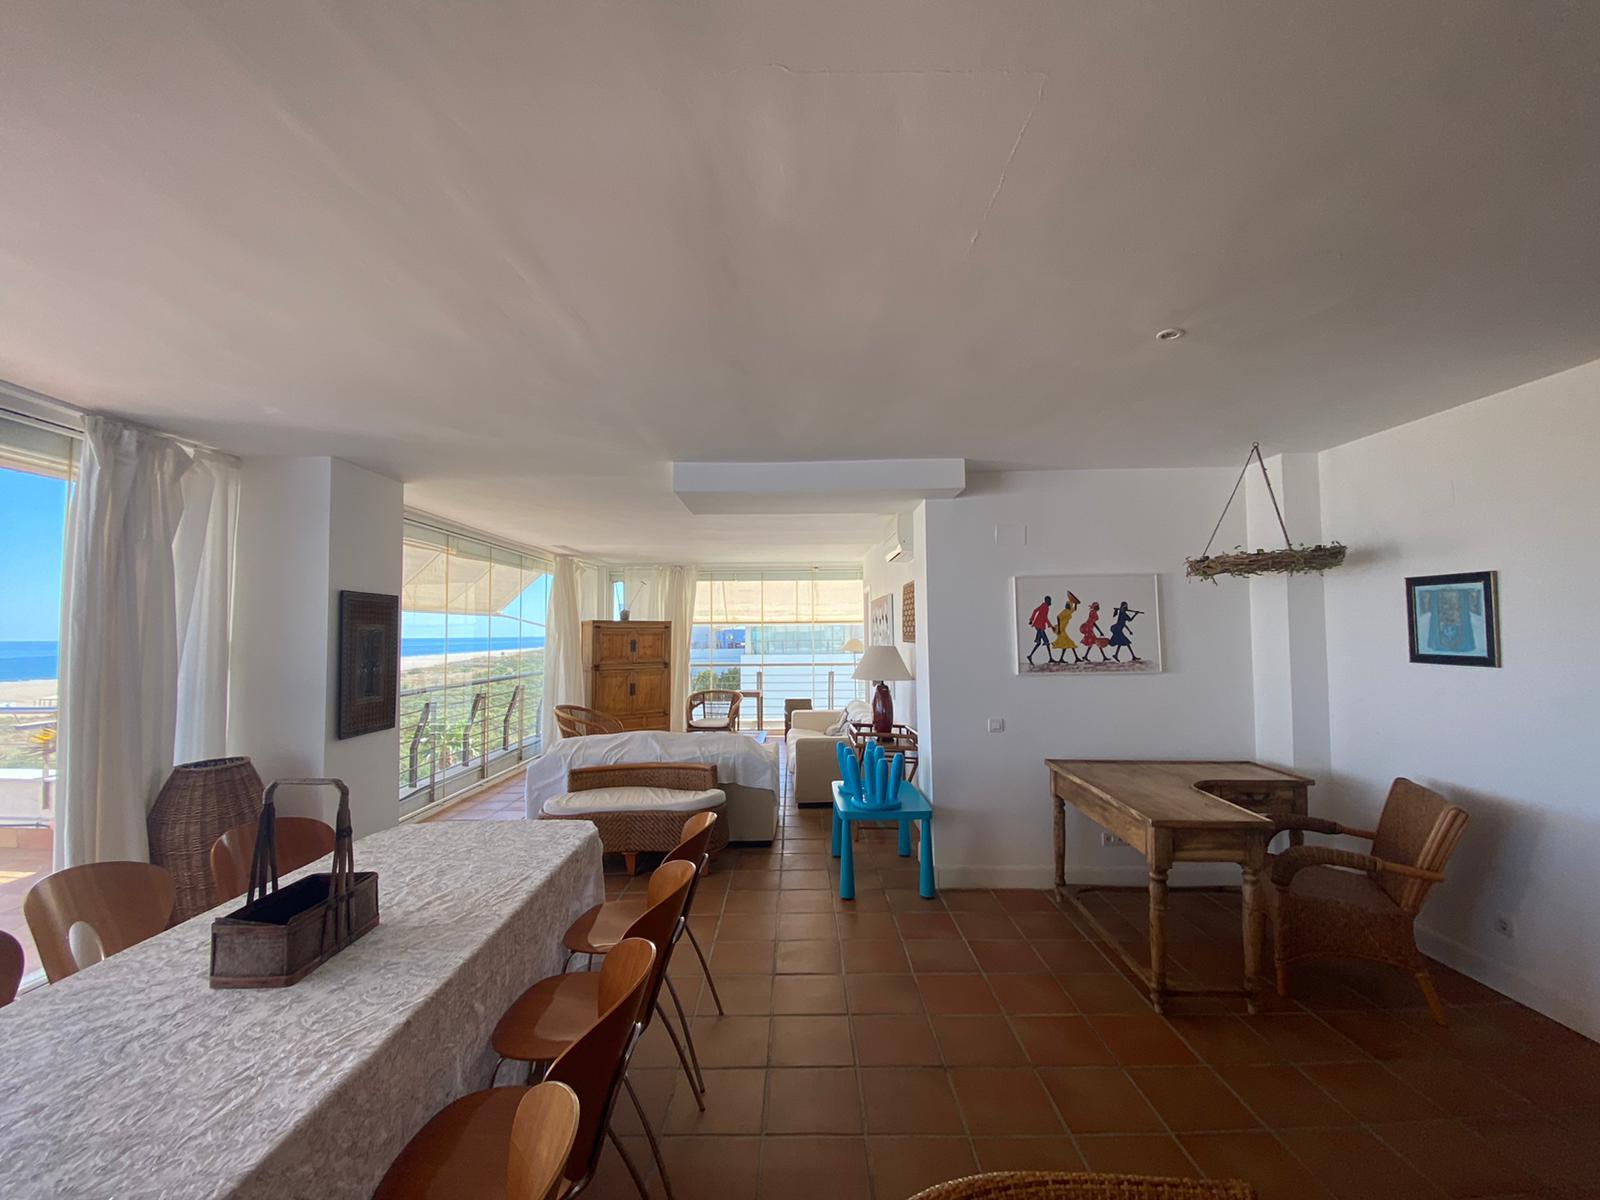 Imagen 11 del Apartamento Turístico, Ático 3 Levante, Frontal (4d+2b), Punta del Moral (HUELVA), Paseo de la Cruz nº22